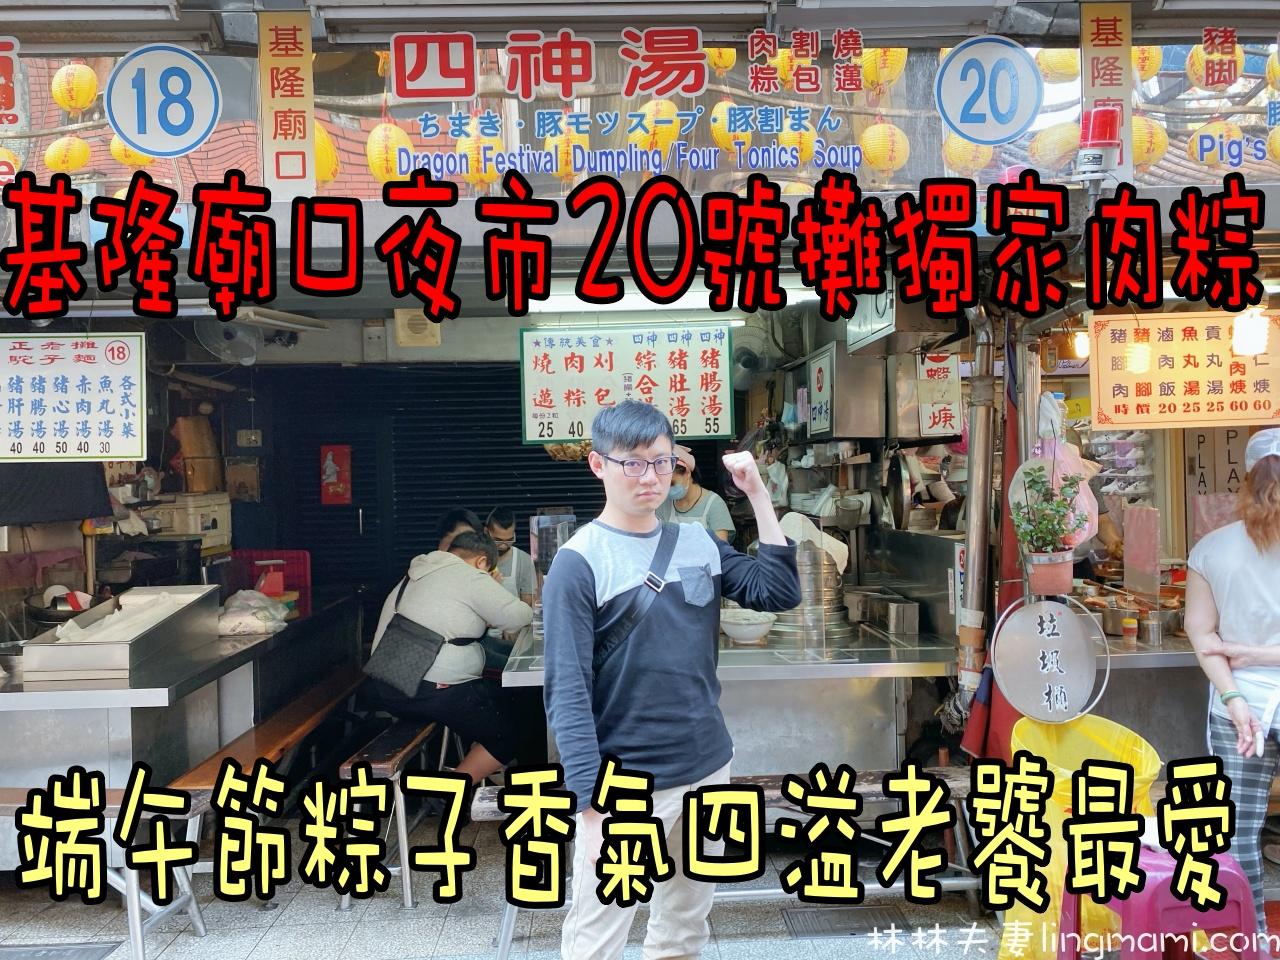 [食記]基隆廟口夜市20號攤獨家肉粽 四神湯 端午節粽子香氣四溢老饕最愛